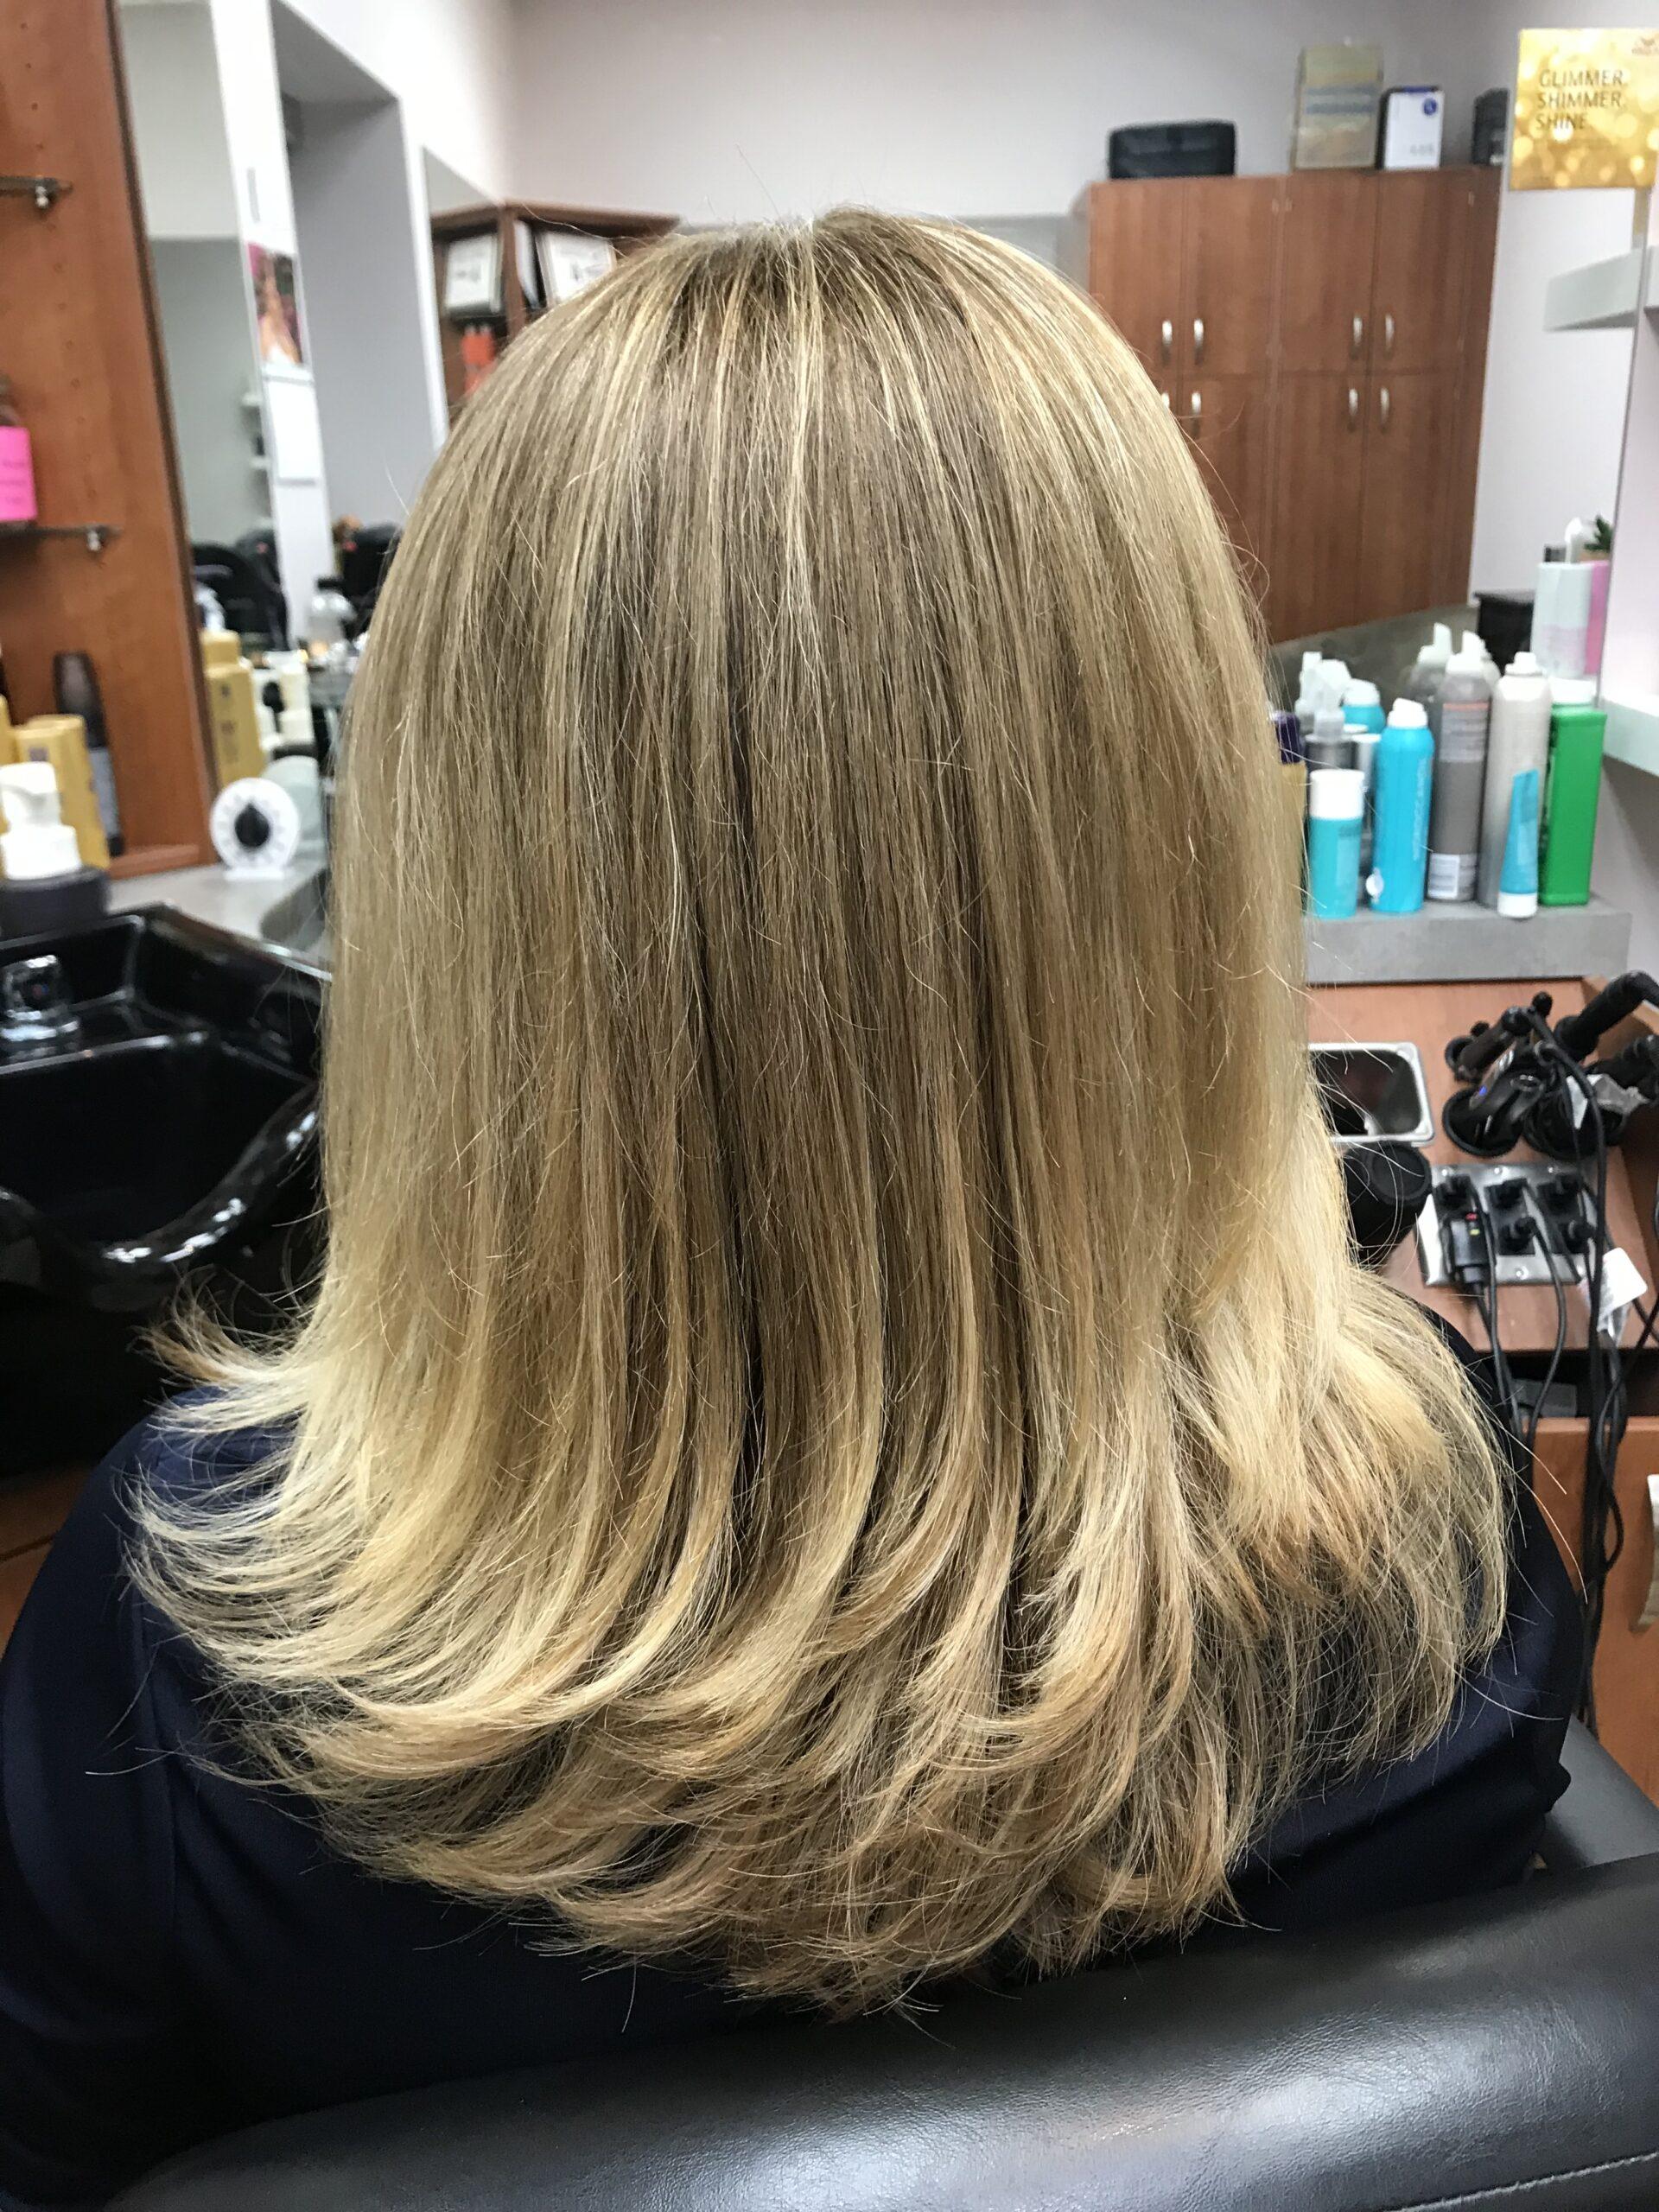 spring-hair-ideas-m2-salon-durham-nc